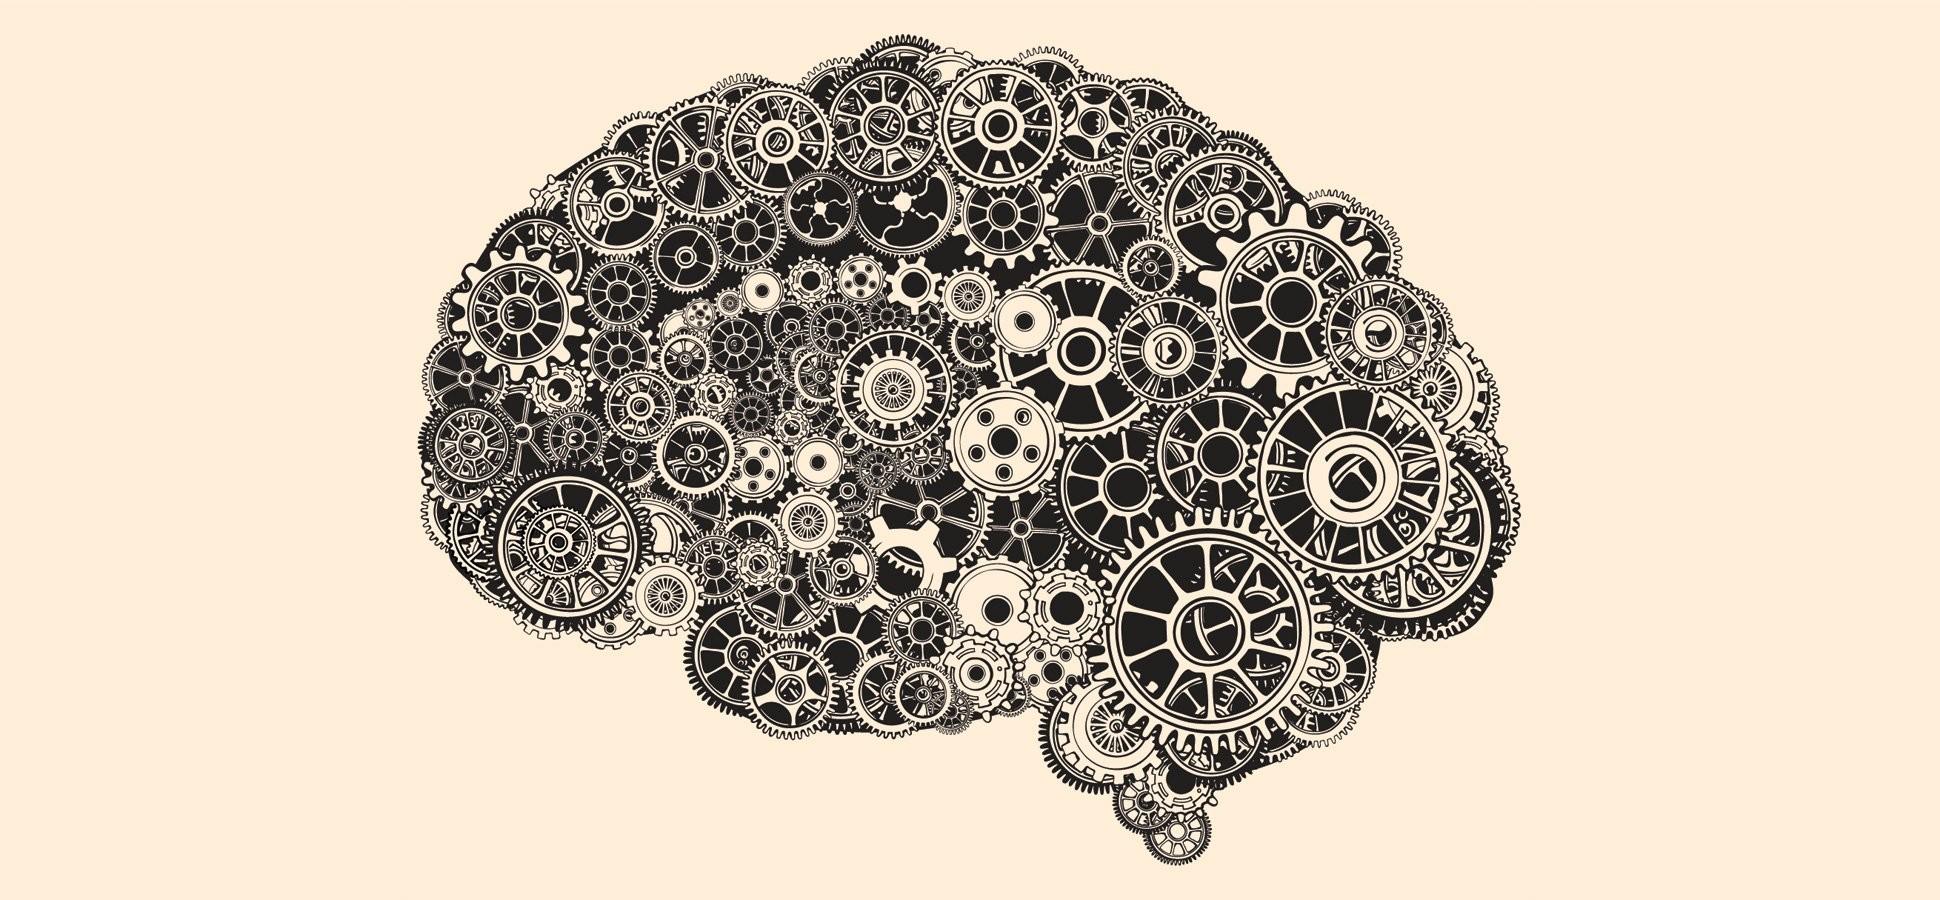 Um em cada quatro adultos pode ser diagnosticado com transtornos mentais